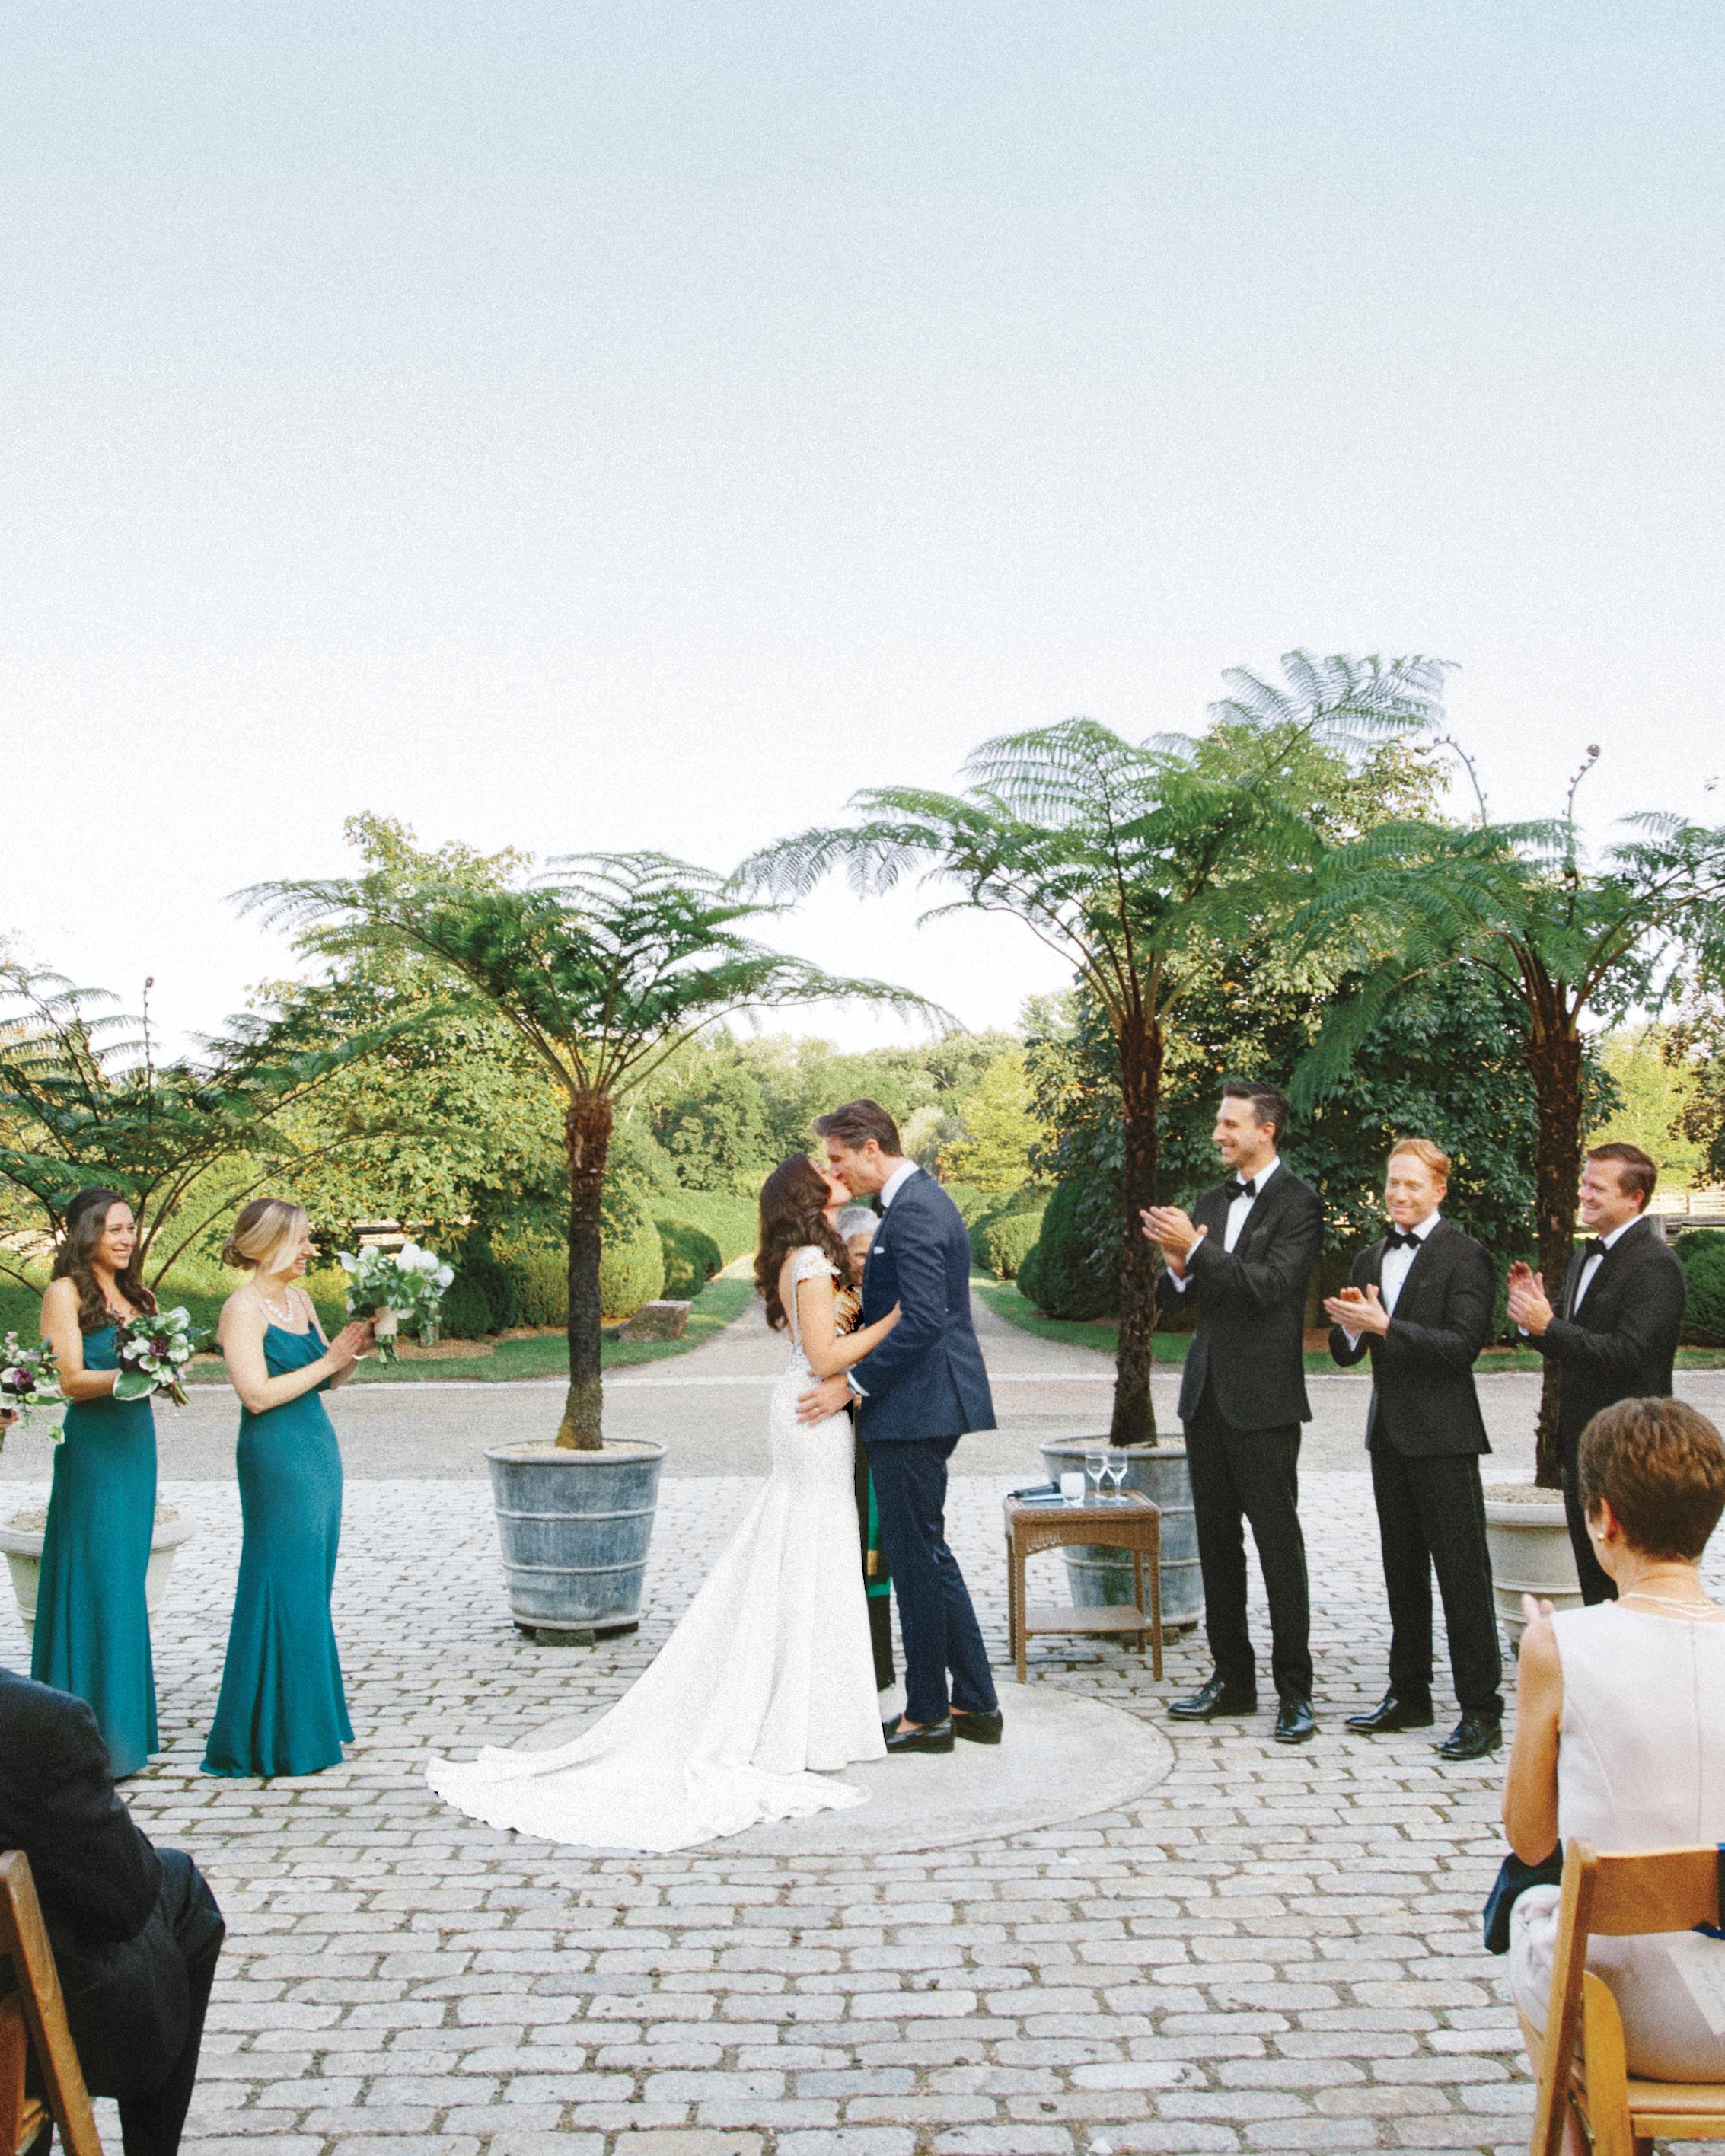 kristina-barrett-wedding-martha-farm-6260-cjl-r-d112650.jpg